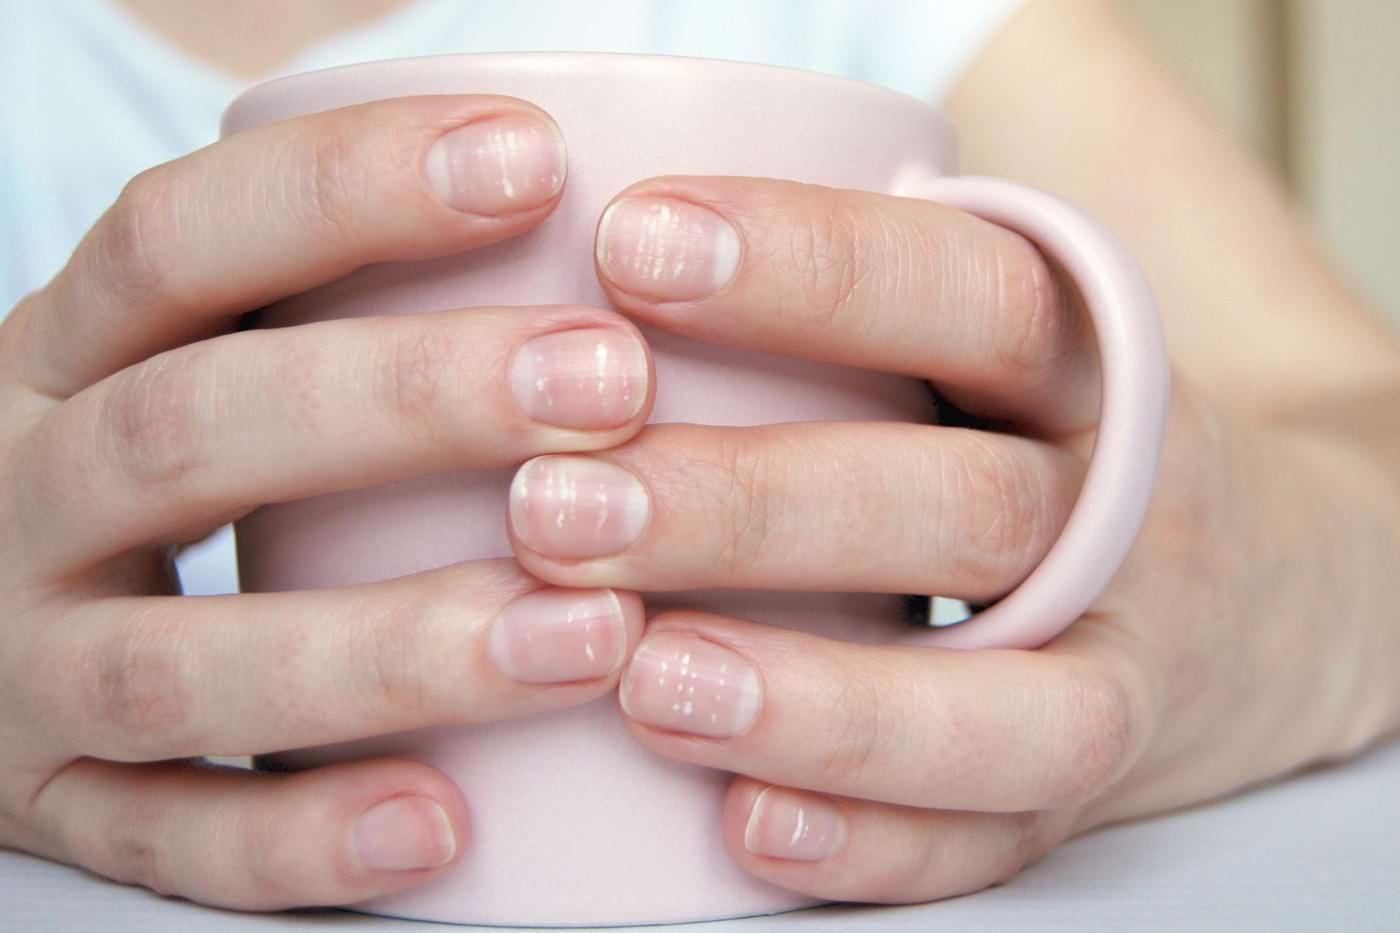 De ce avem pete albe sub unghii?